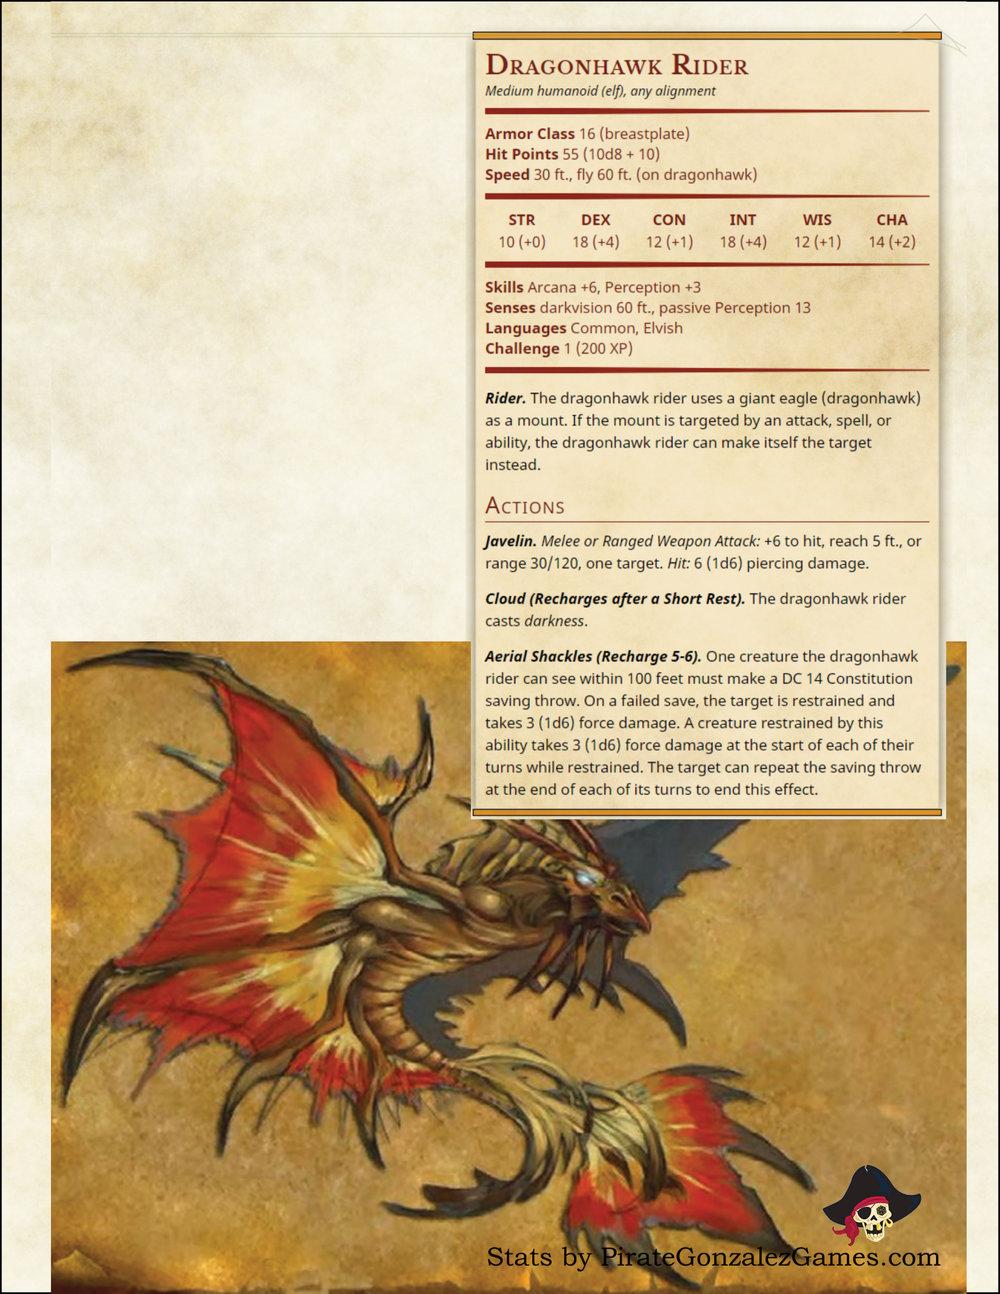 Dragonhawk Rider